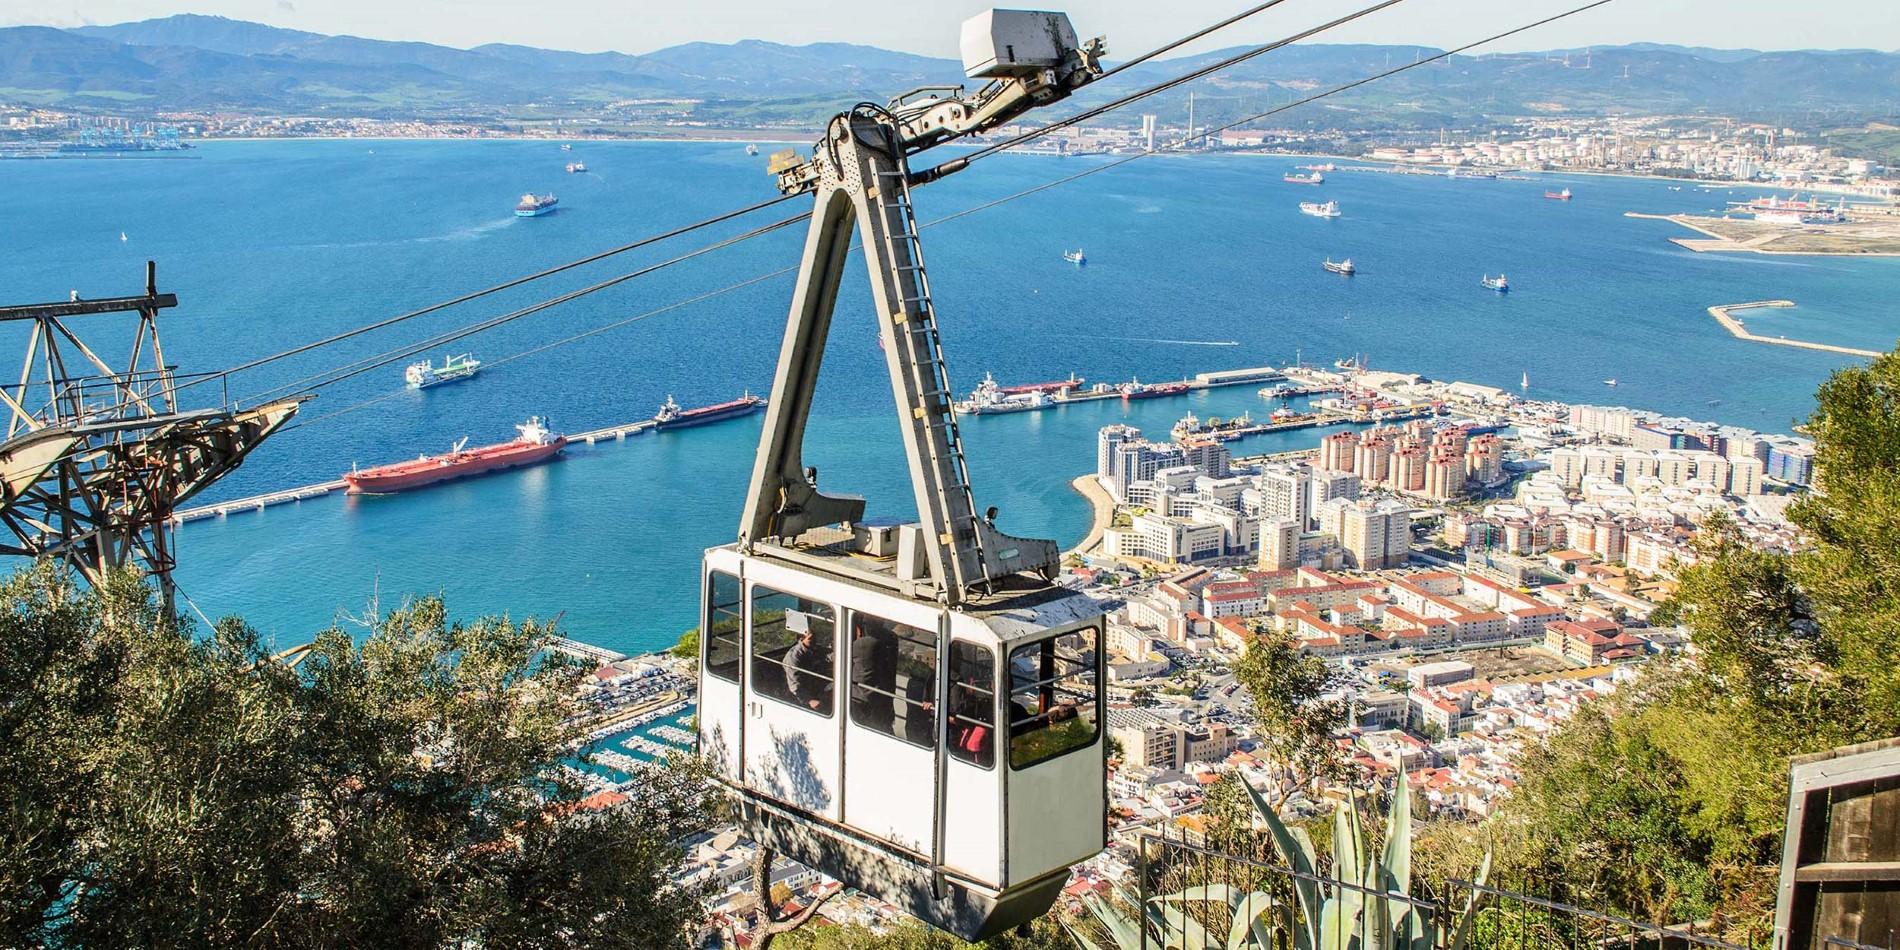 Gibraltar Sehenswurdigkeiten Karte.Gibraltar Die Felsen Tour Mit Der Seilbahn Auf Die